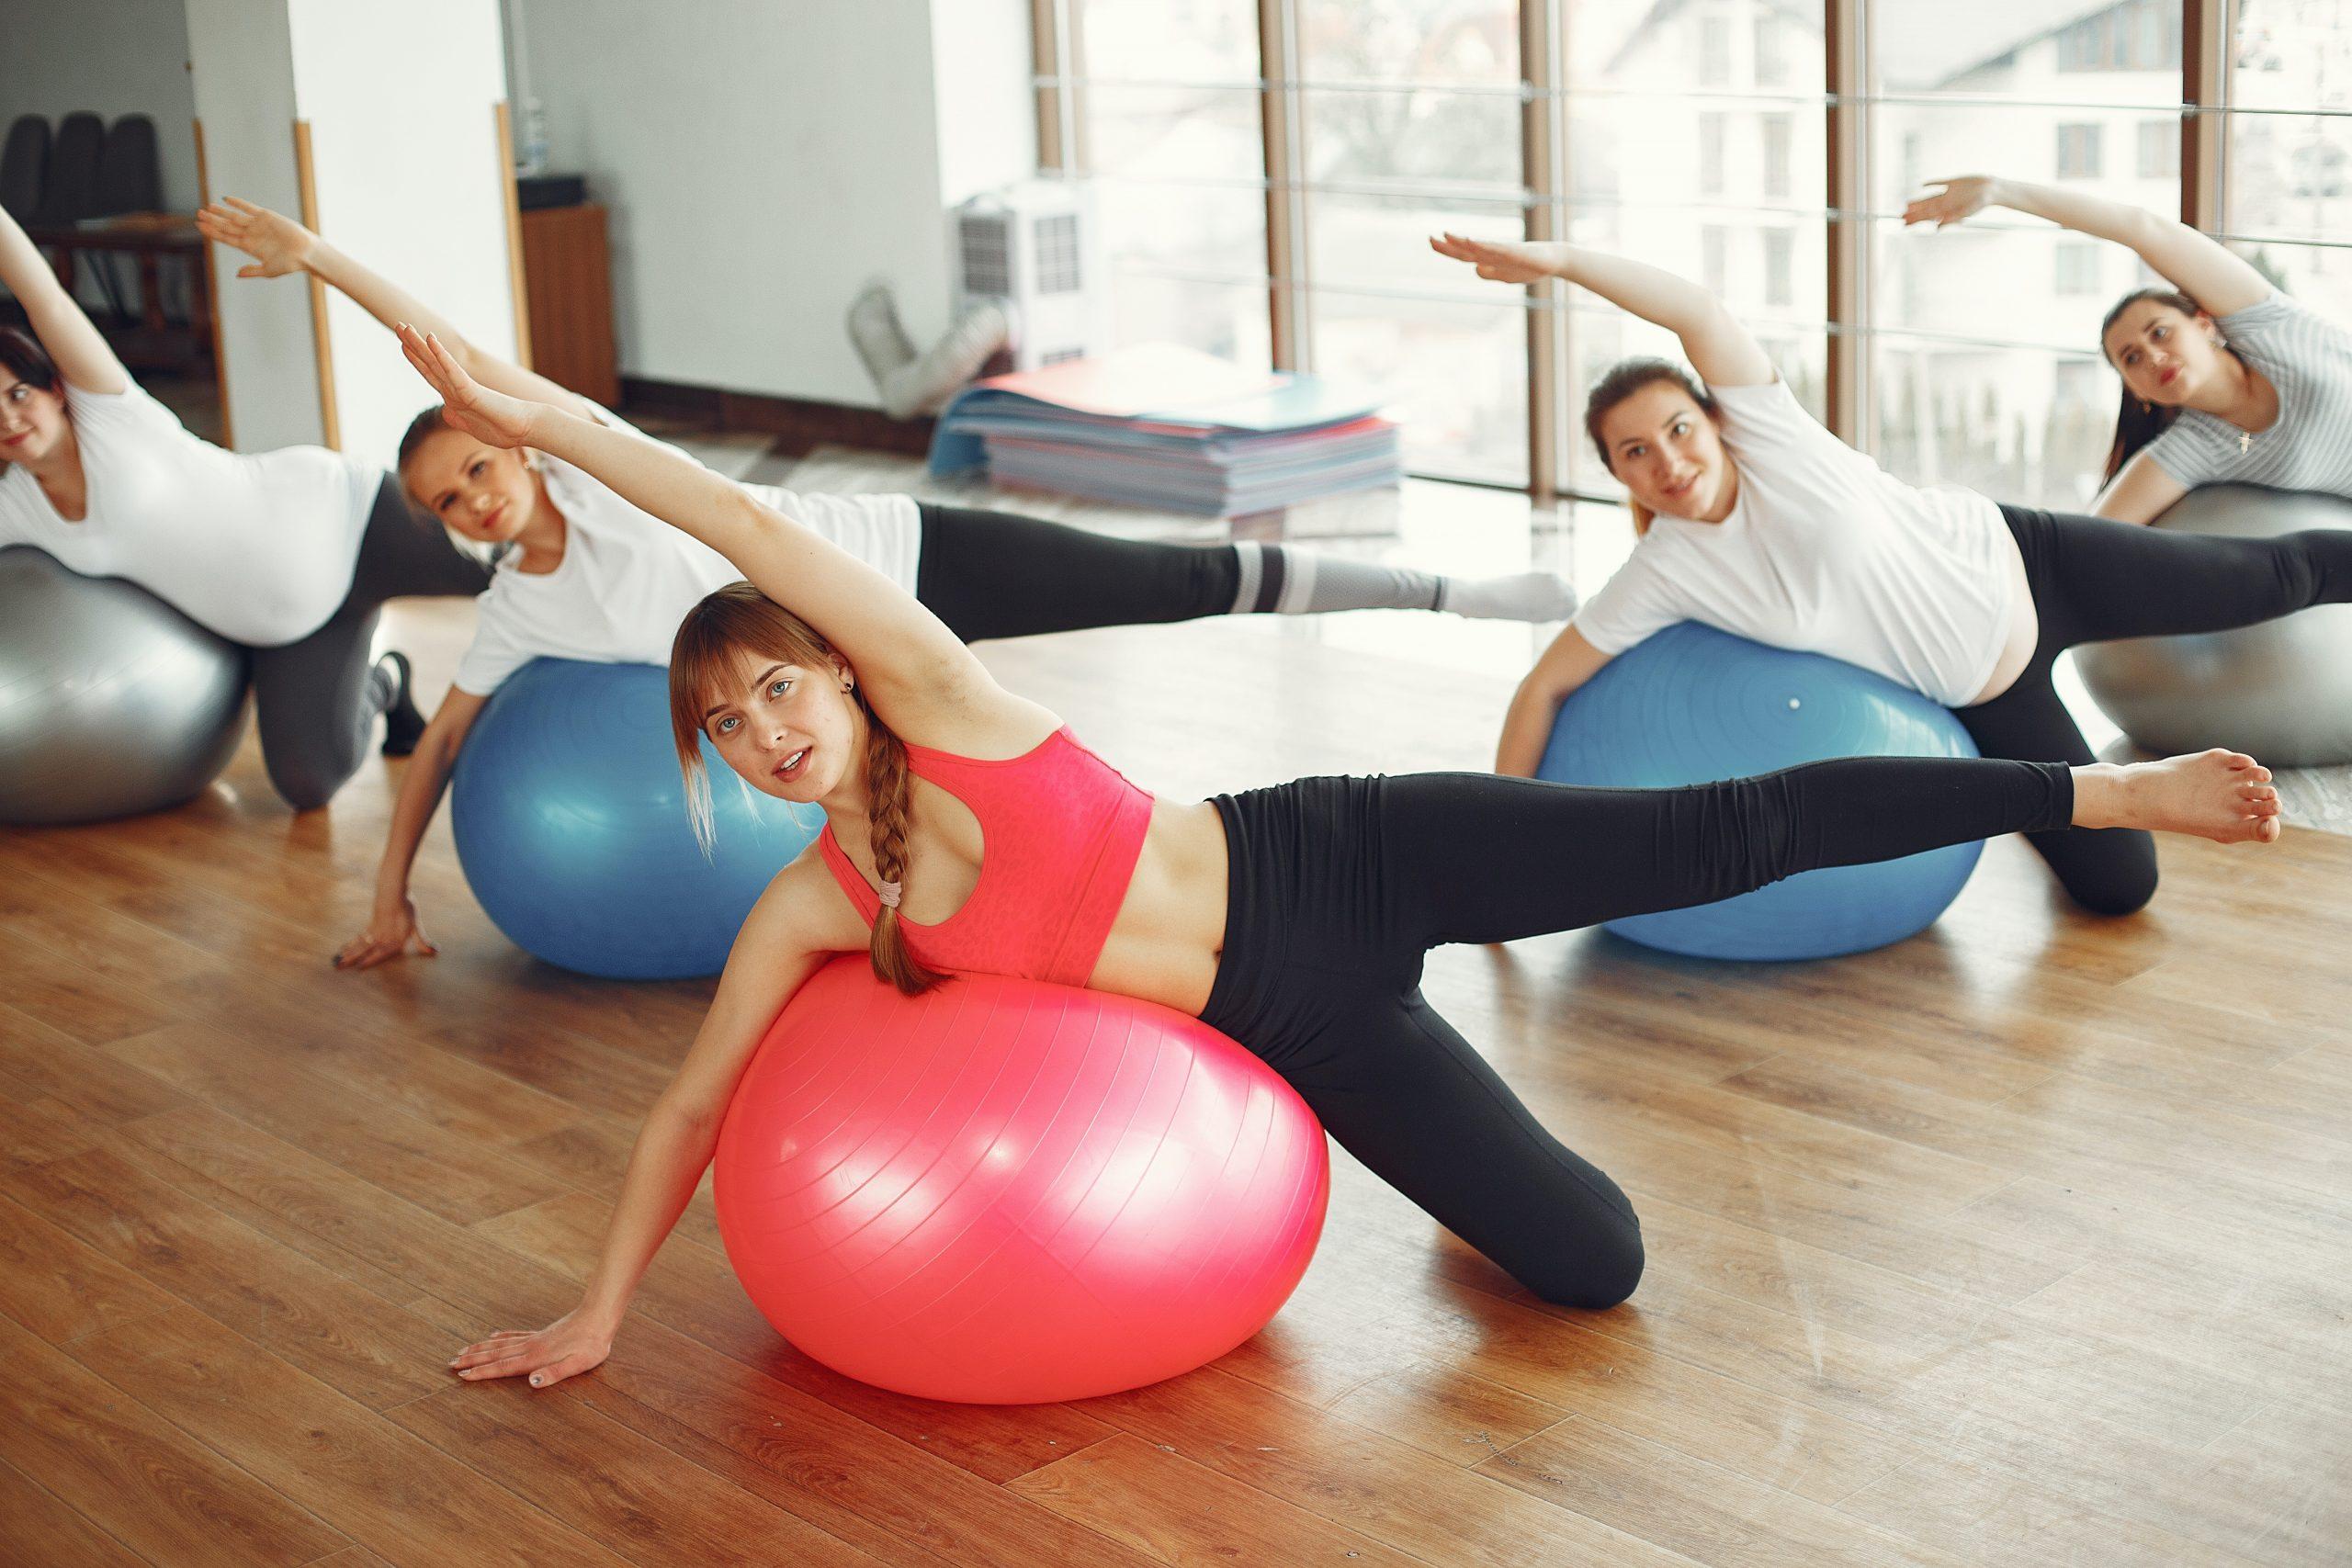 Imagem de mulheres gestantes fazendo uma aula de pilates.